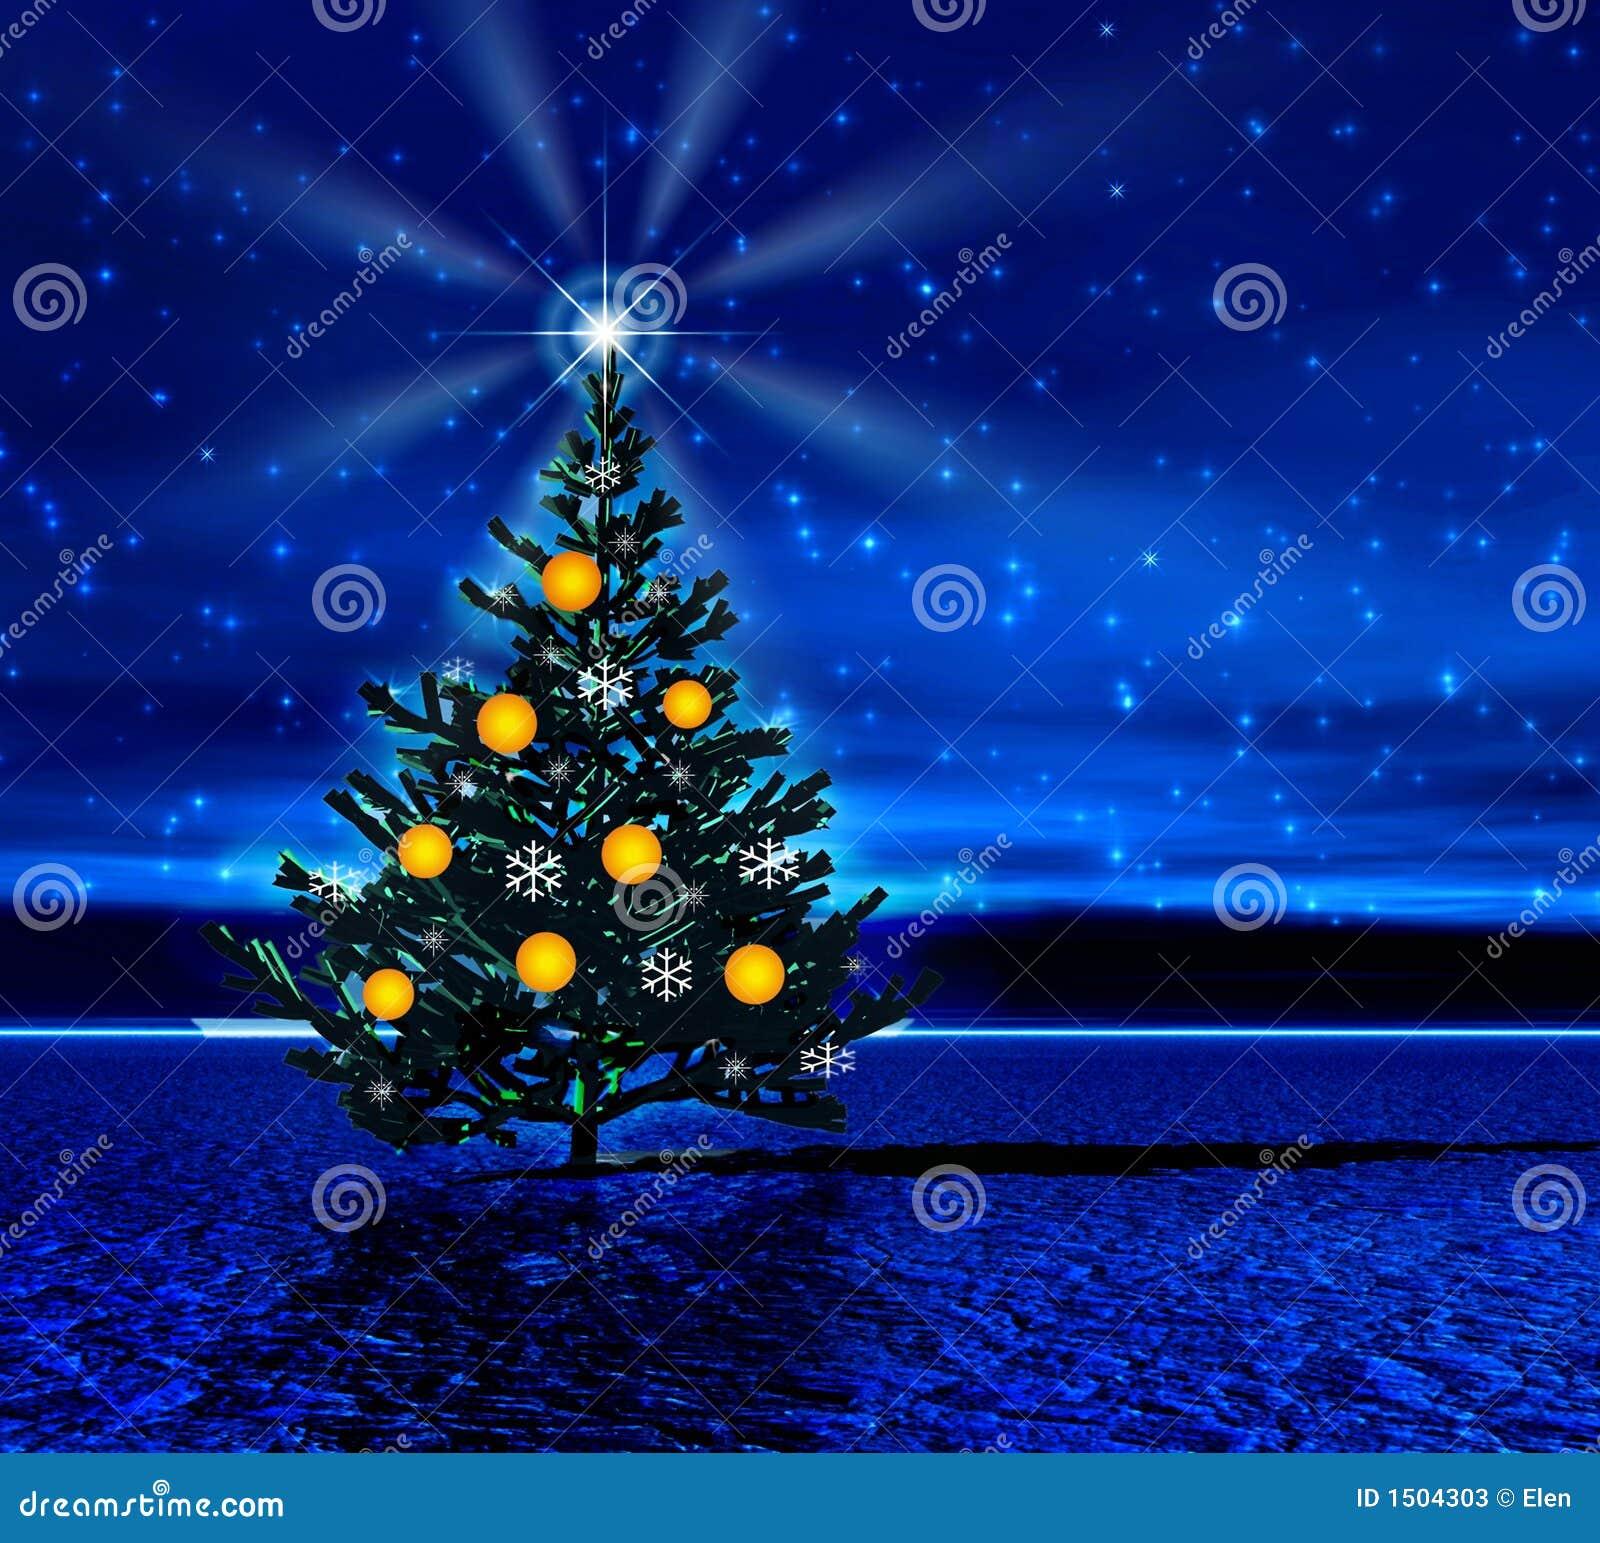 Noite. Árvore de Natal